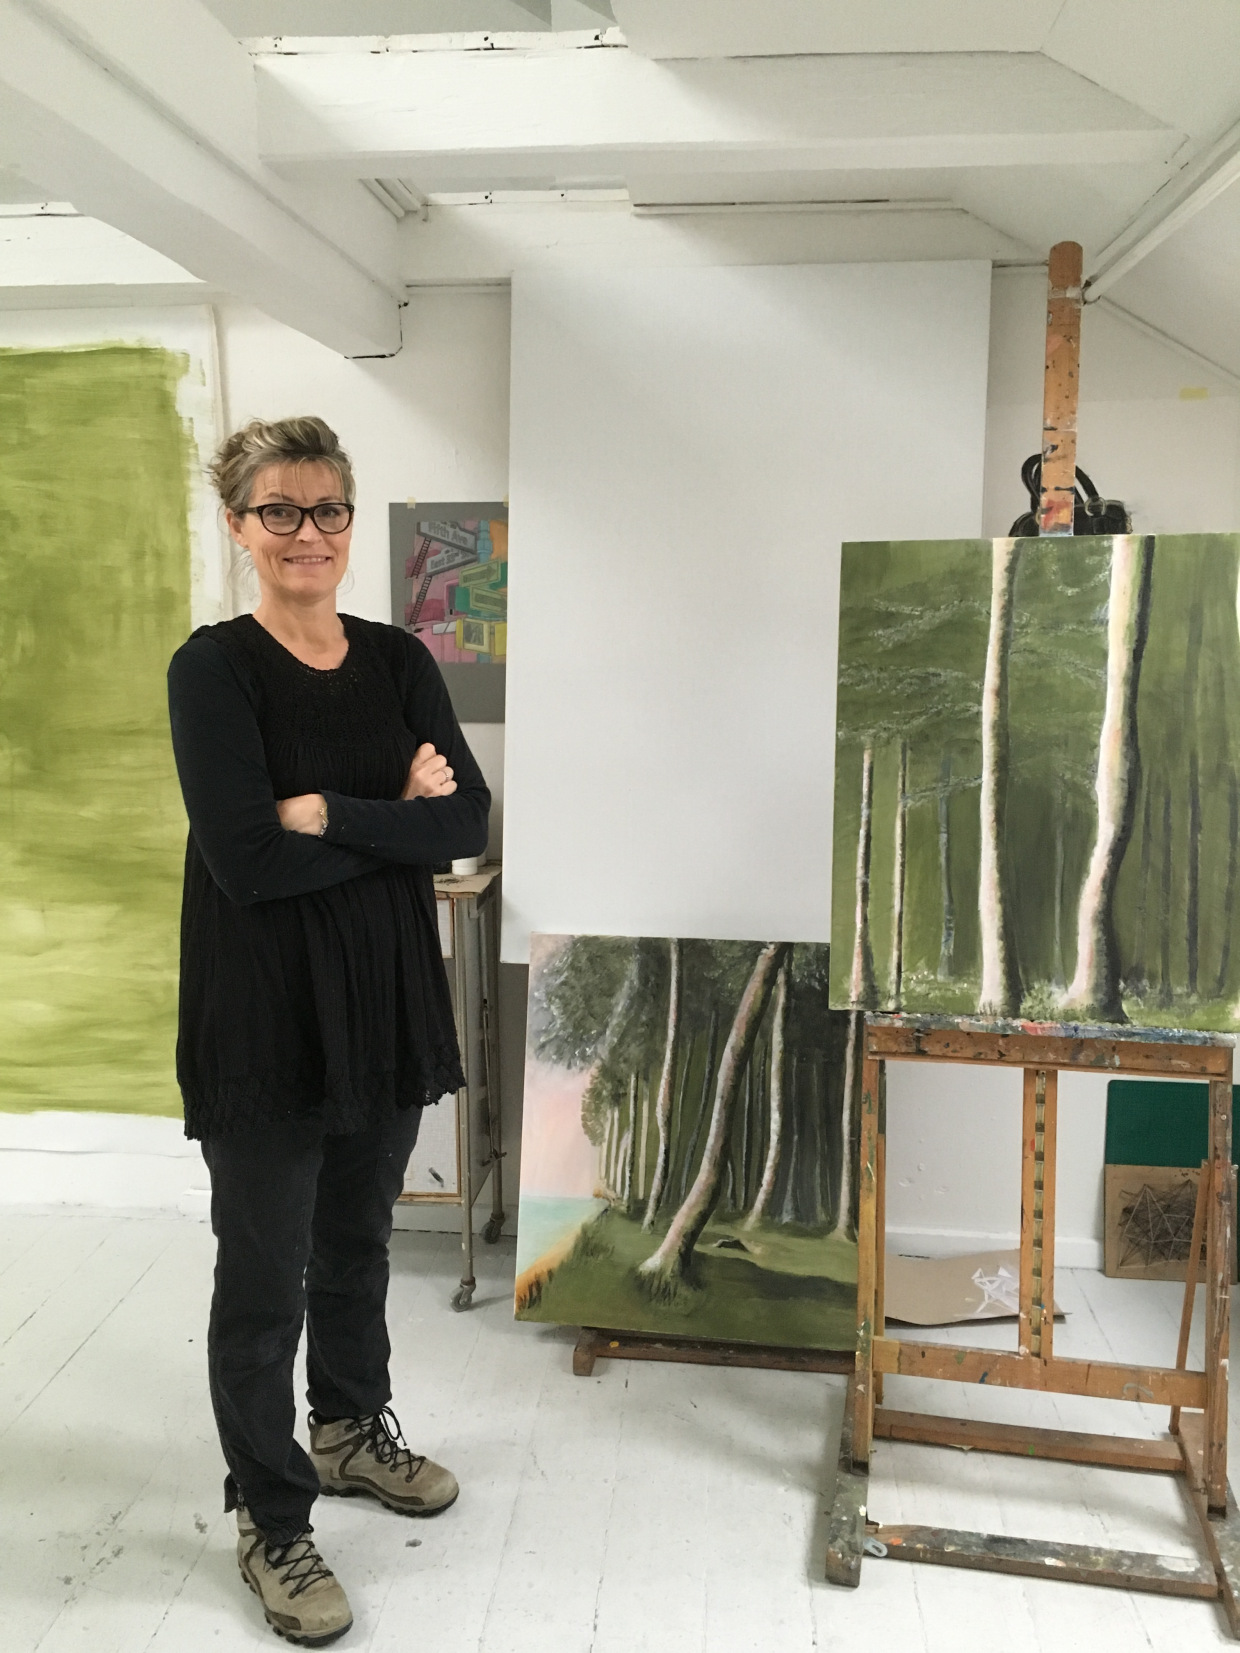 Kontakt, Marianne Sigersted kunstner